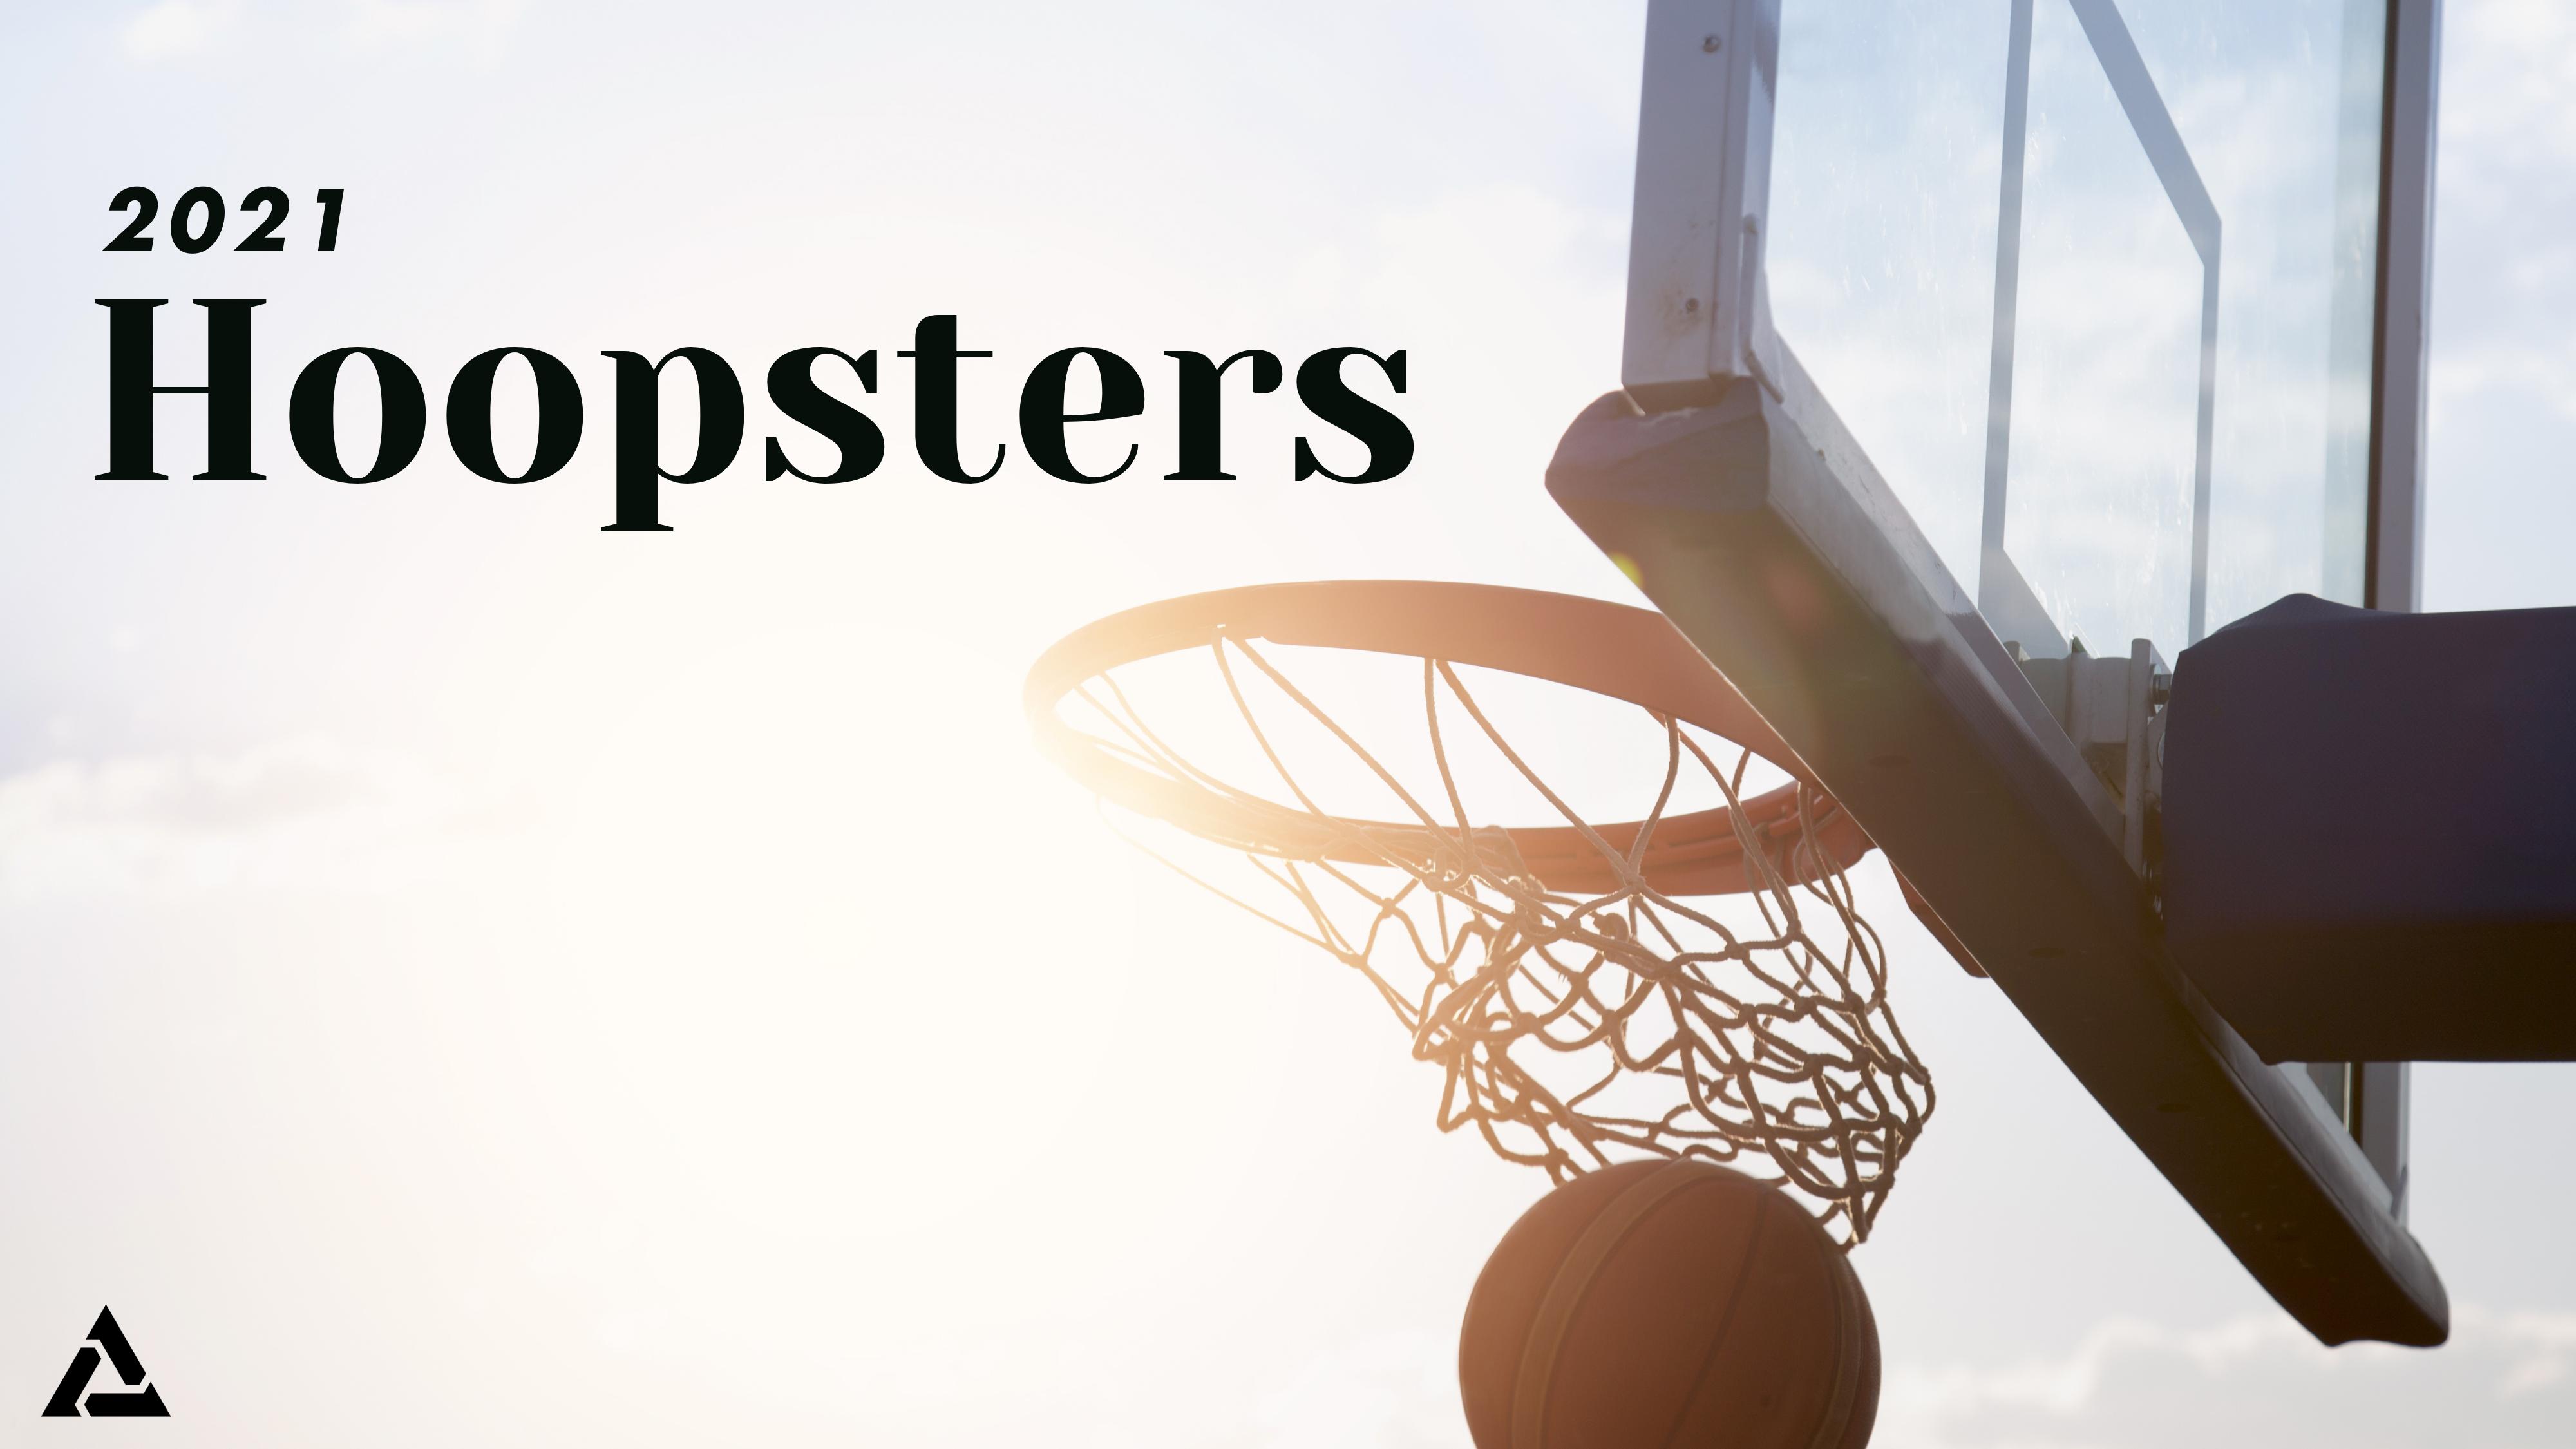 Hoopsters